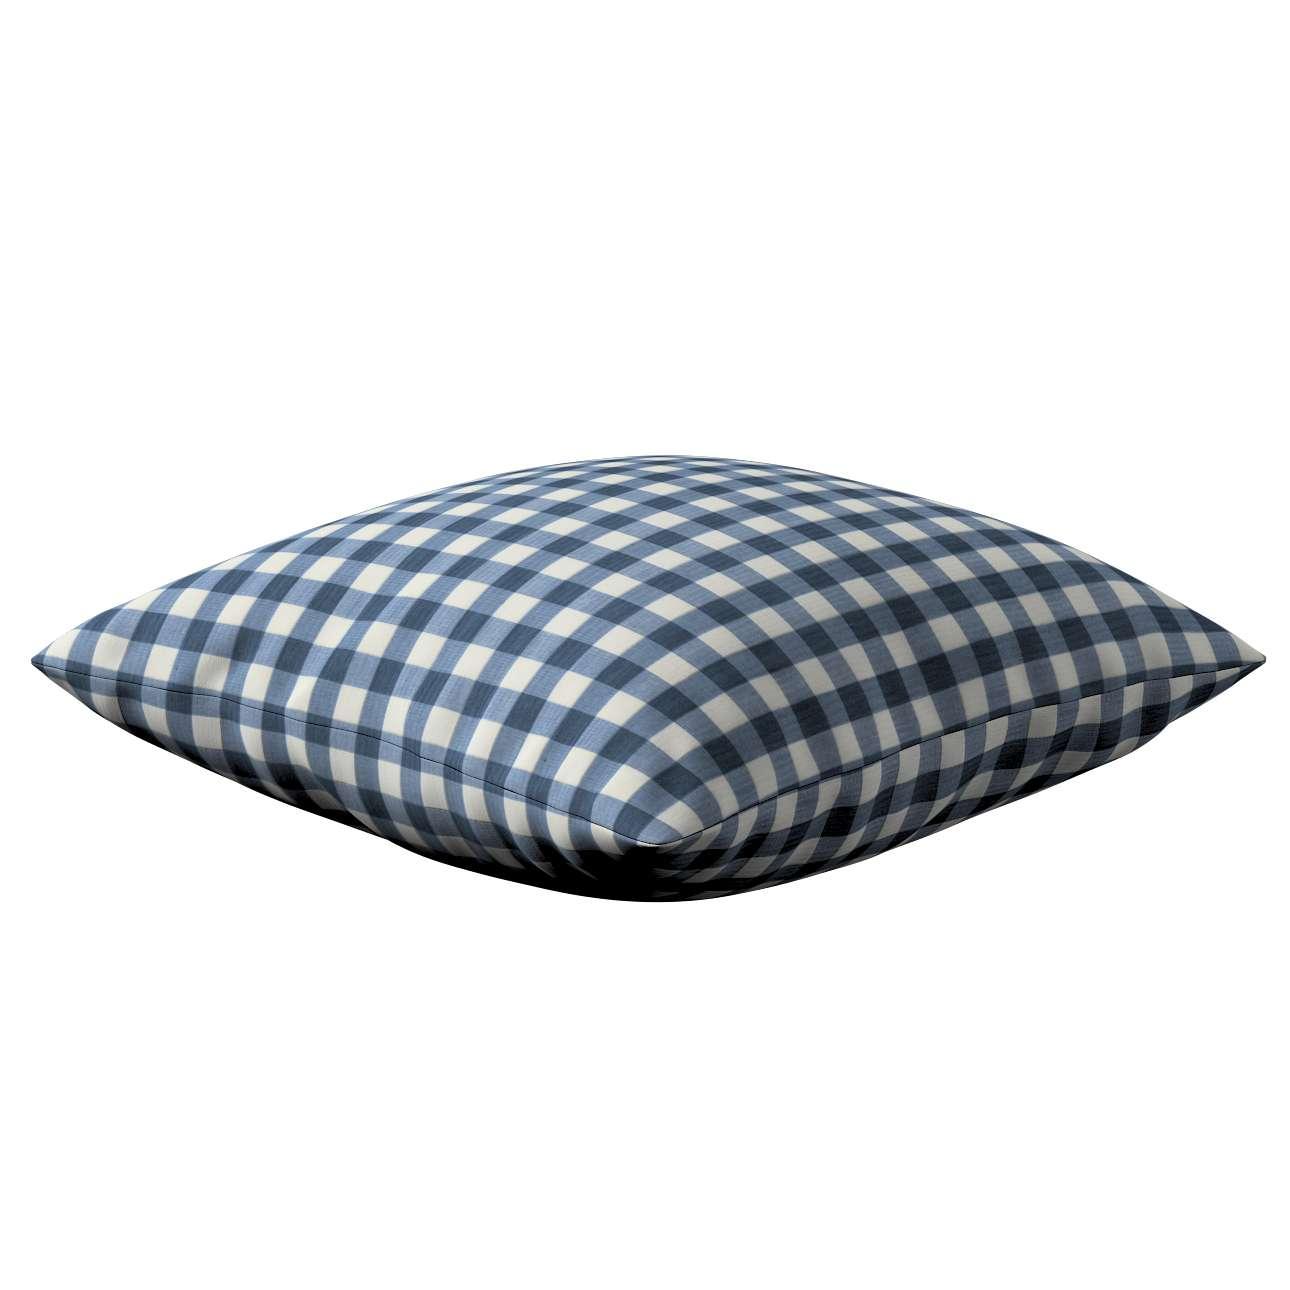 Poszewka Kinga na poduszkę 43 x 43 cm w kolekcji Quadro, tkanina: 136-01